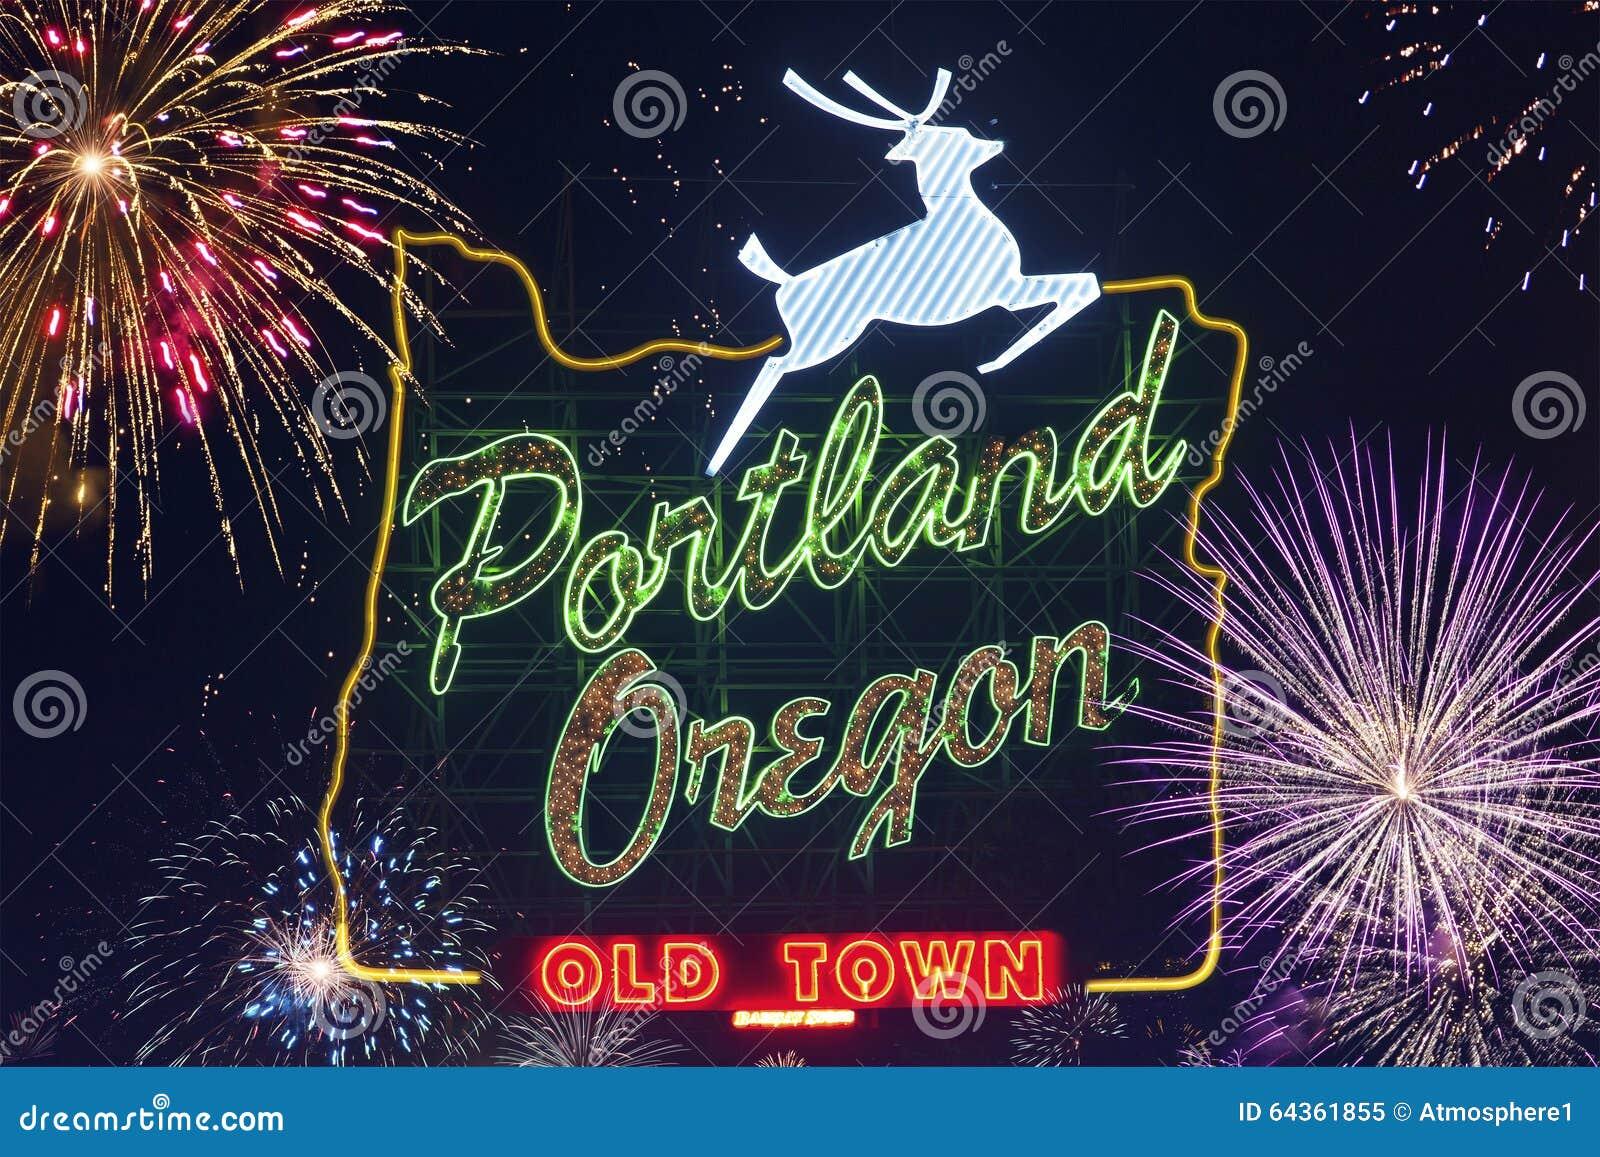 Знак Портленда, Орегона с оленями и проблескивая фейерверками на небе на заднем плане